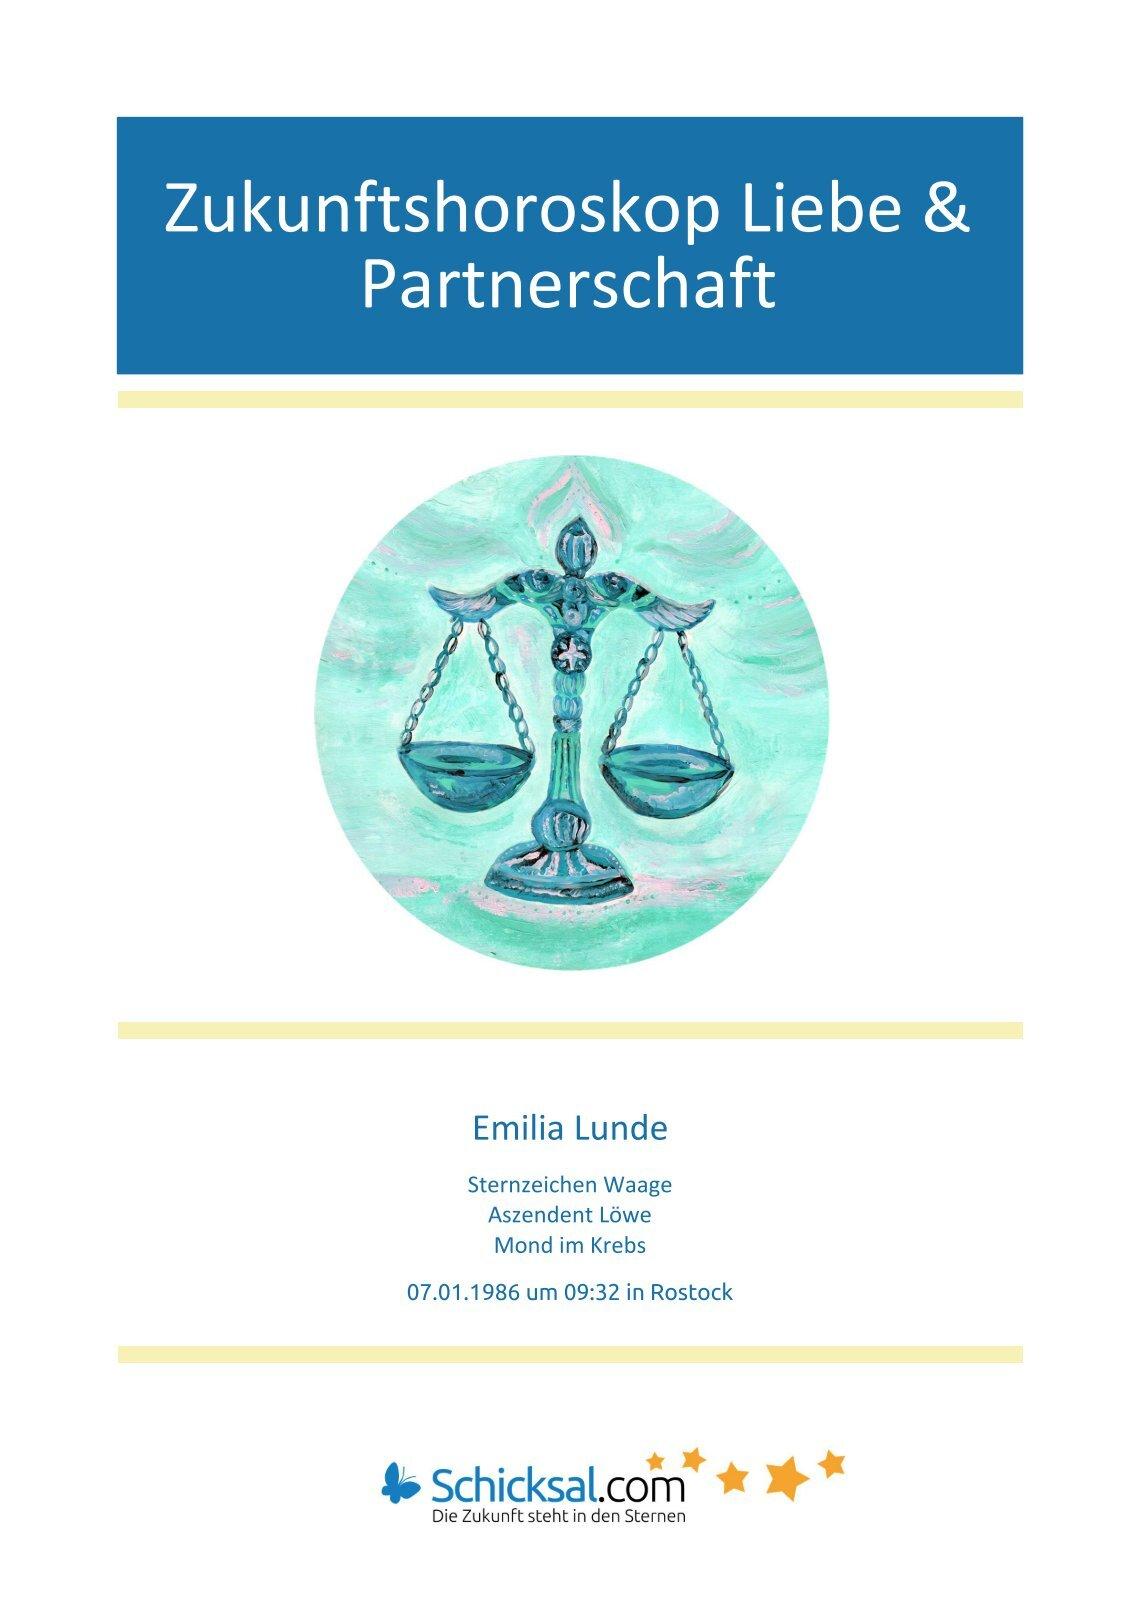 Zukunftshoroskop Liebe und Partnerschaft Emilia